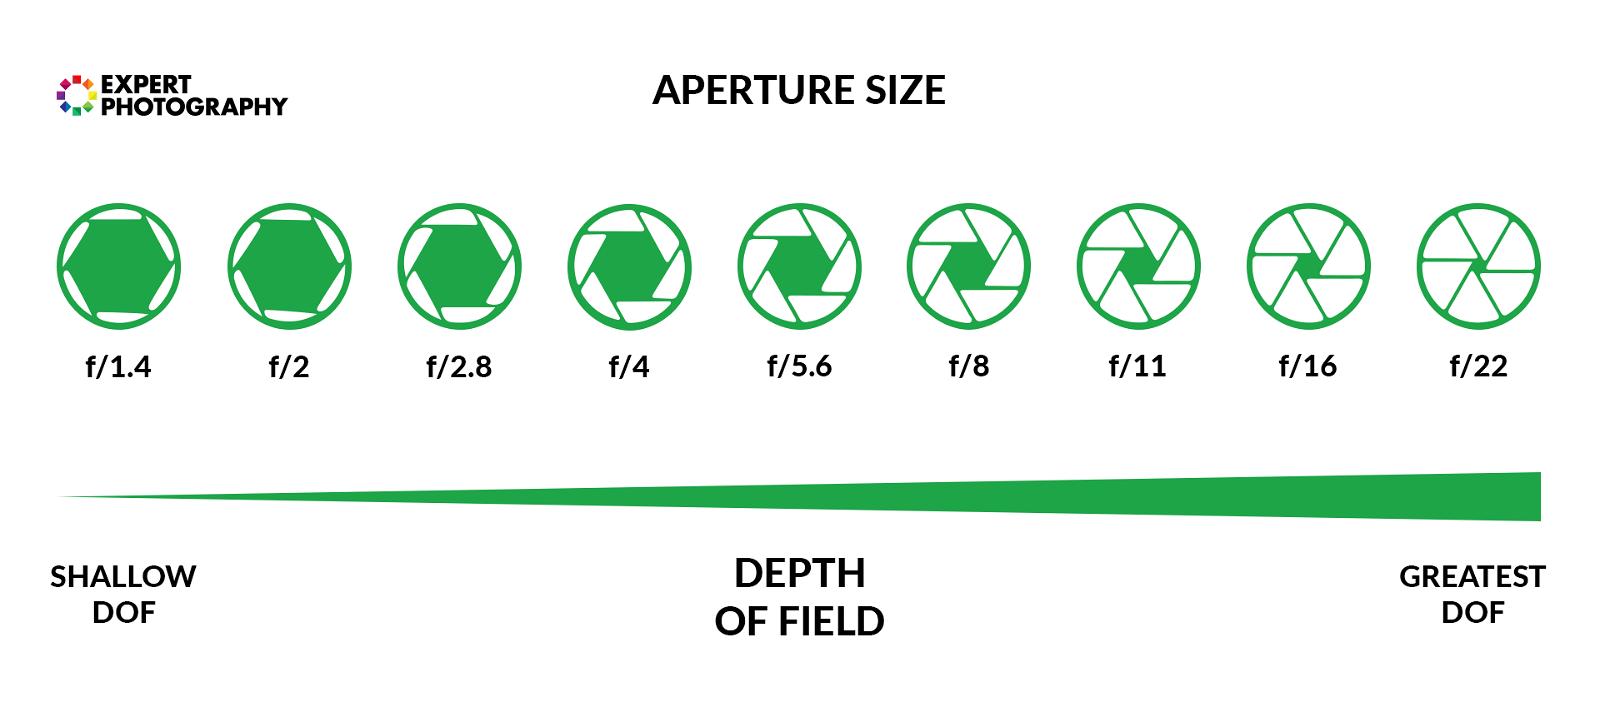 Diagram showing aperture size